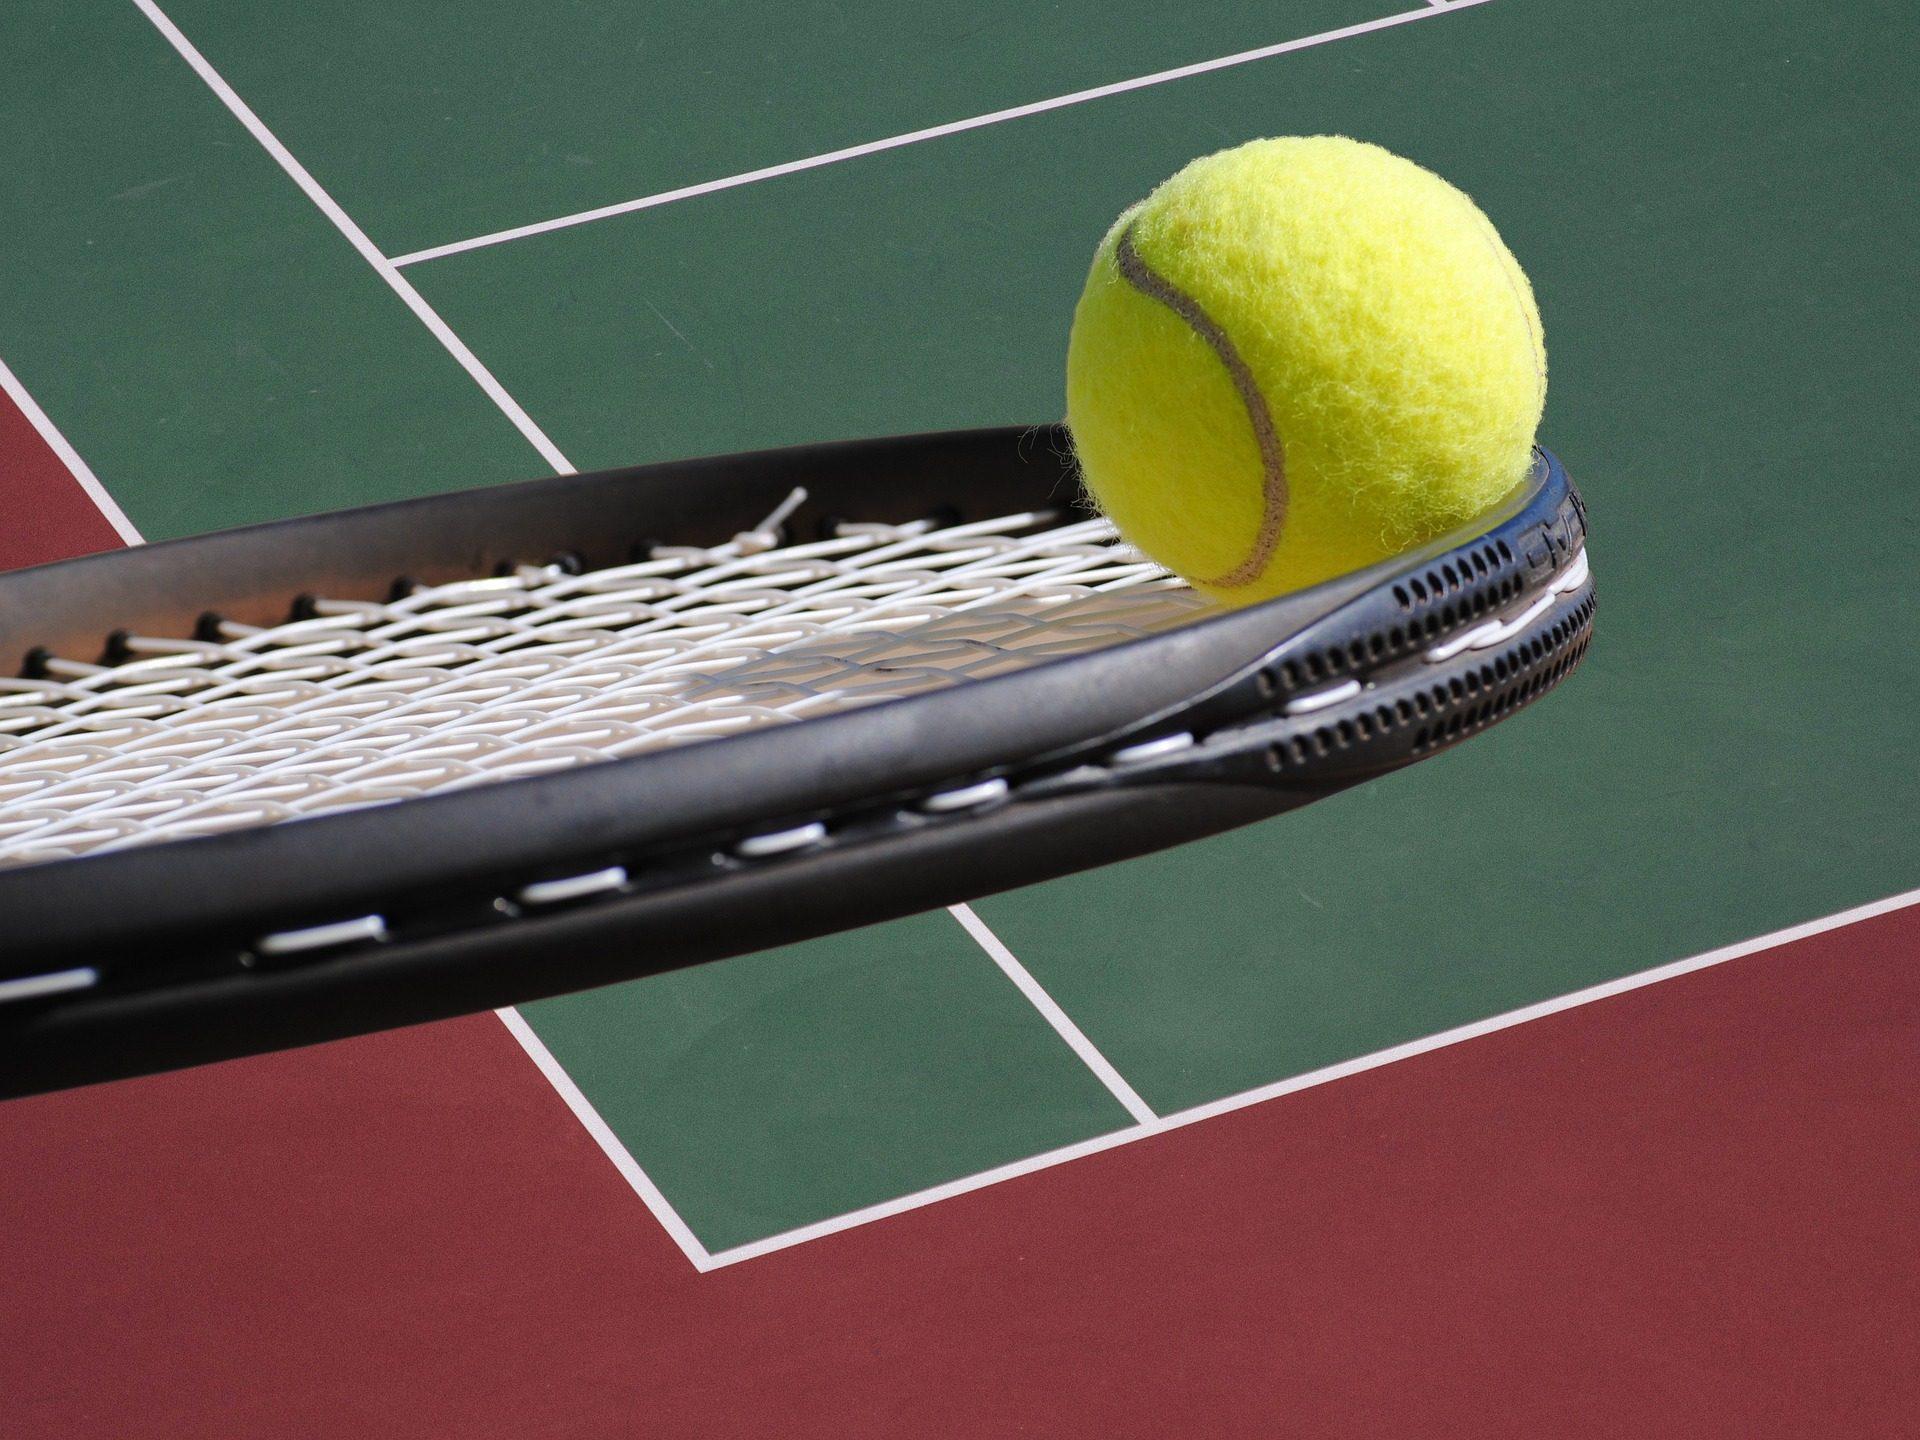 مضرب, كرة المضرب, الكرة, المحكمة, الميدان, سلاسل - خلفيات عالية الدقة - أستاذ falken.com